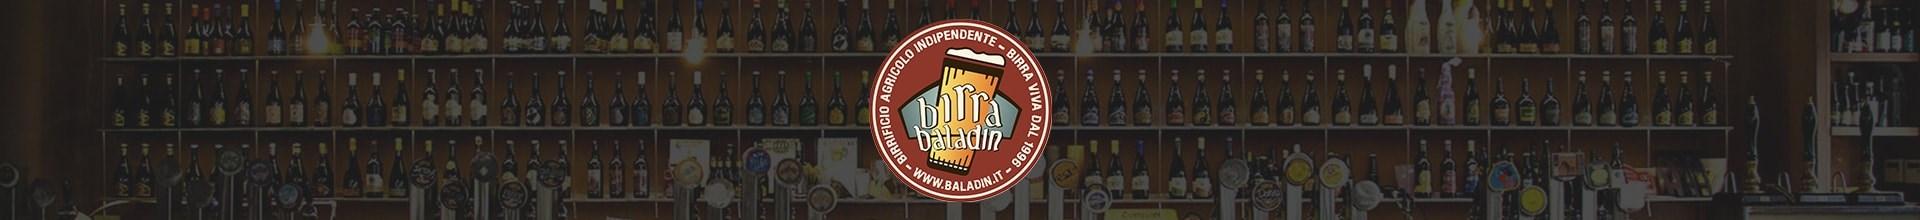 Cervejas Baladin